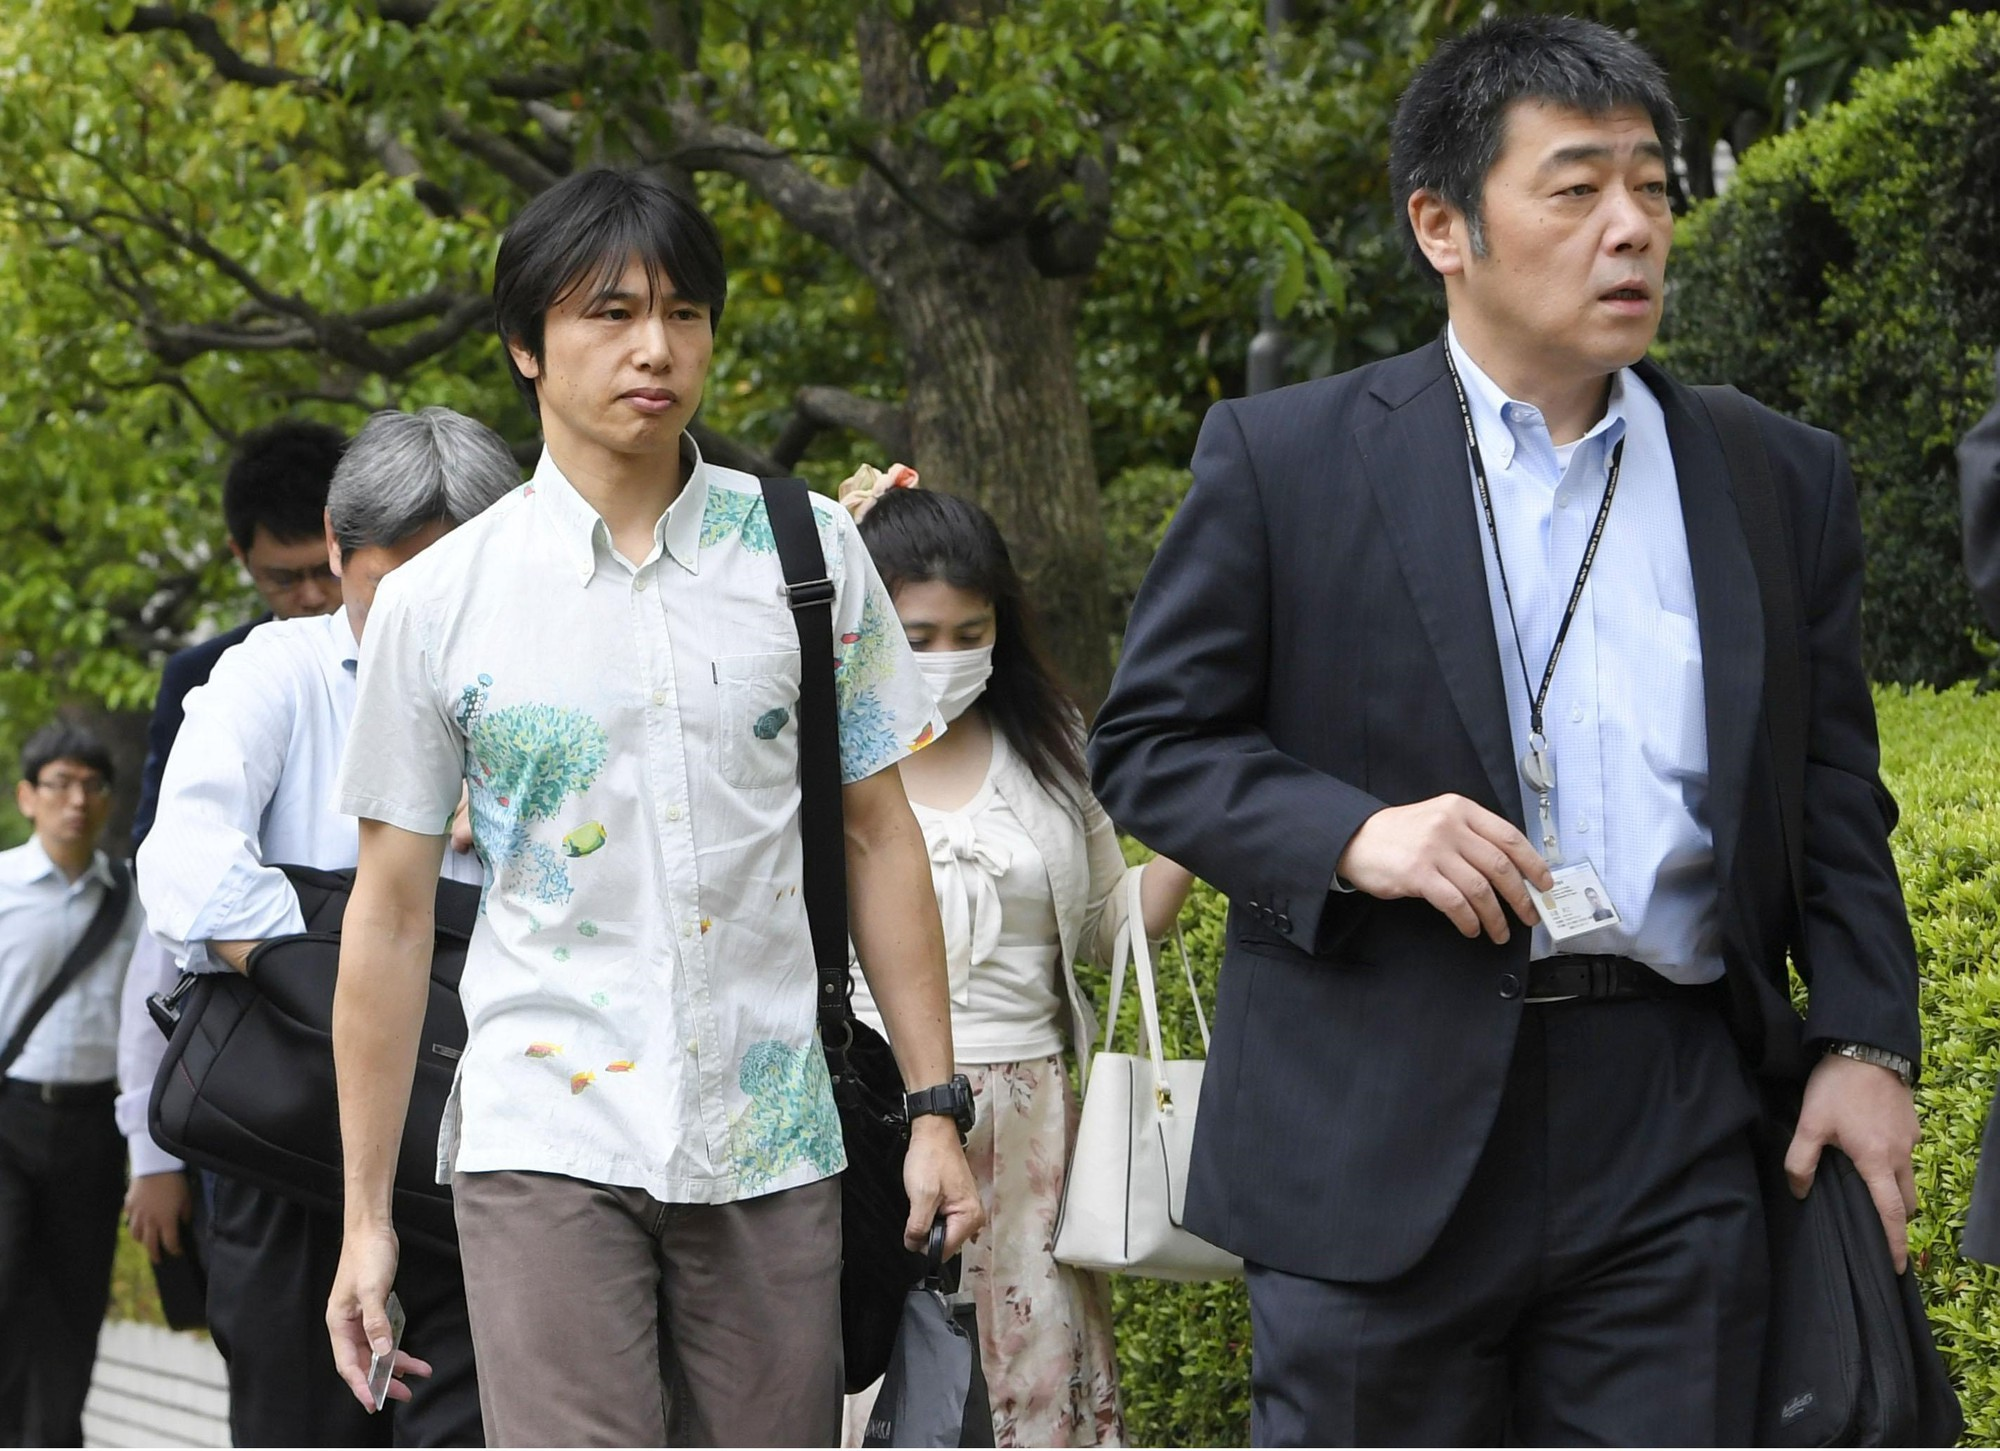 Dân công sở Nhật Bản rủ nhau ăn mặc mát mẻ đi làm, lý do đằng sau khiến cả thế giới nể phục - Ảnh 4.